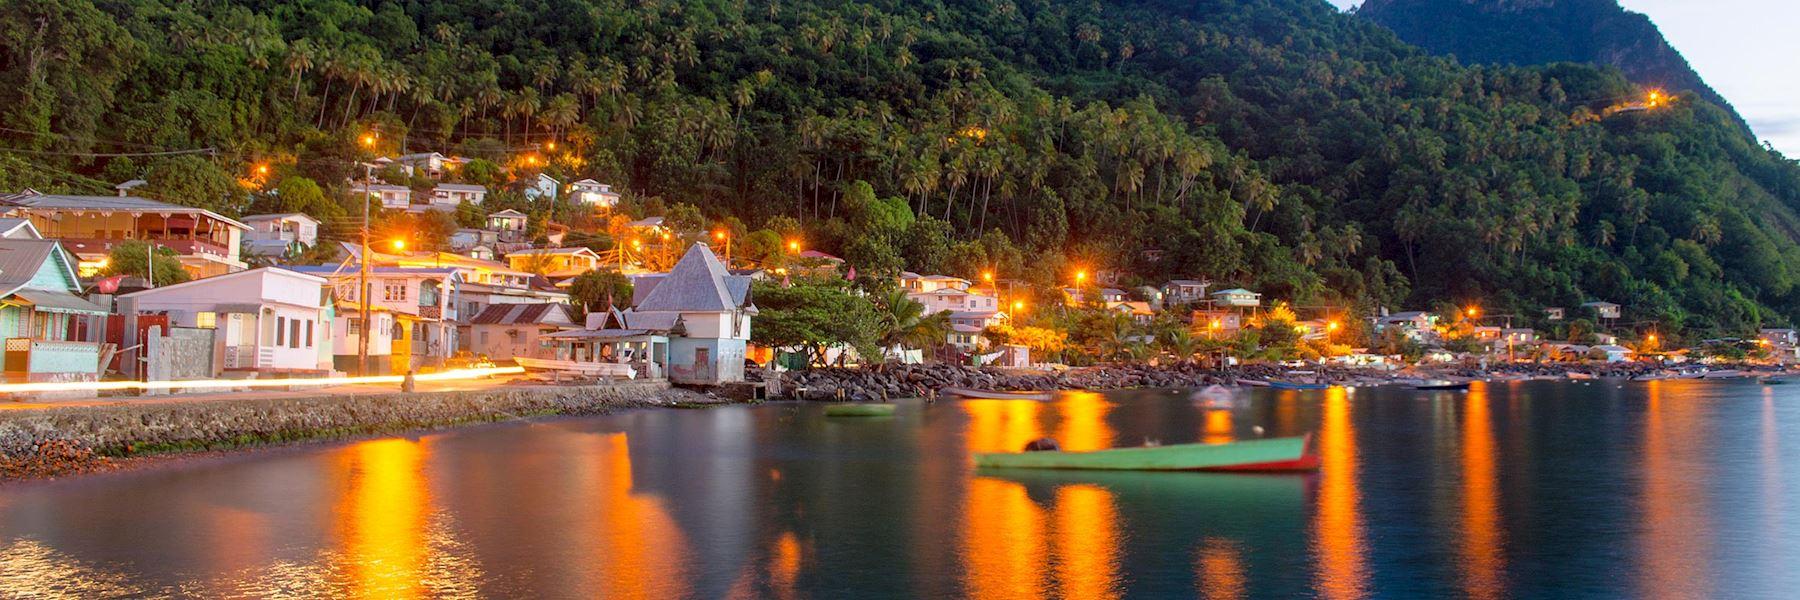 Visit Soufriere, Saint Lucia